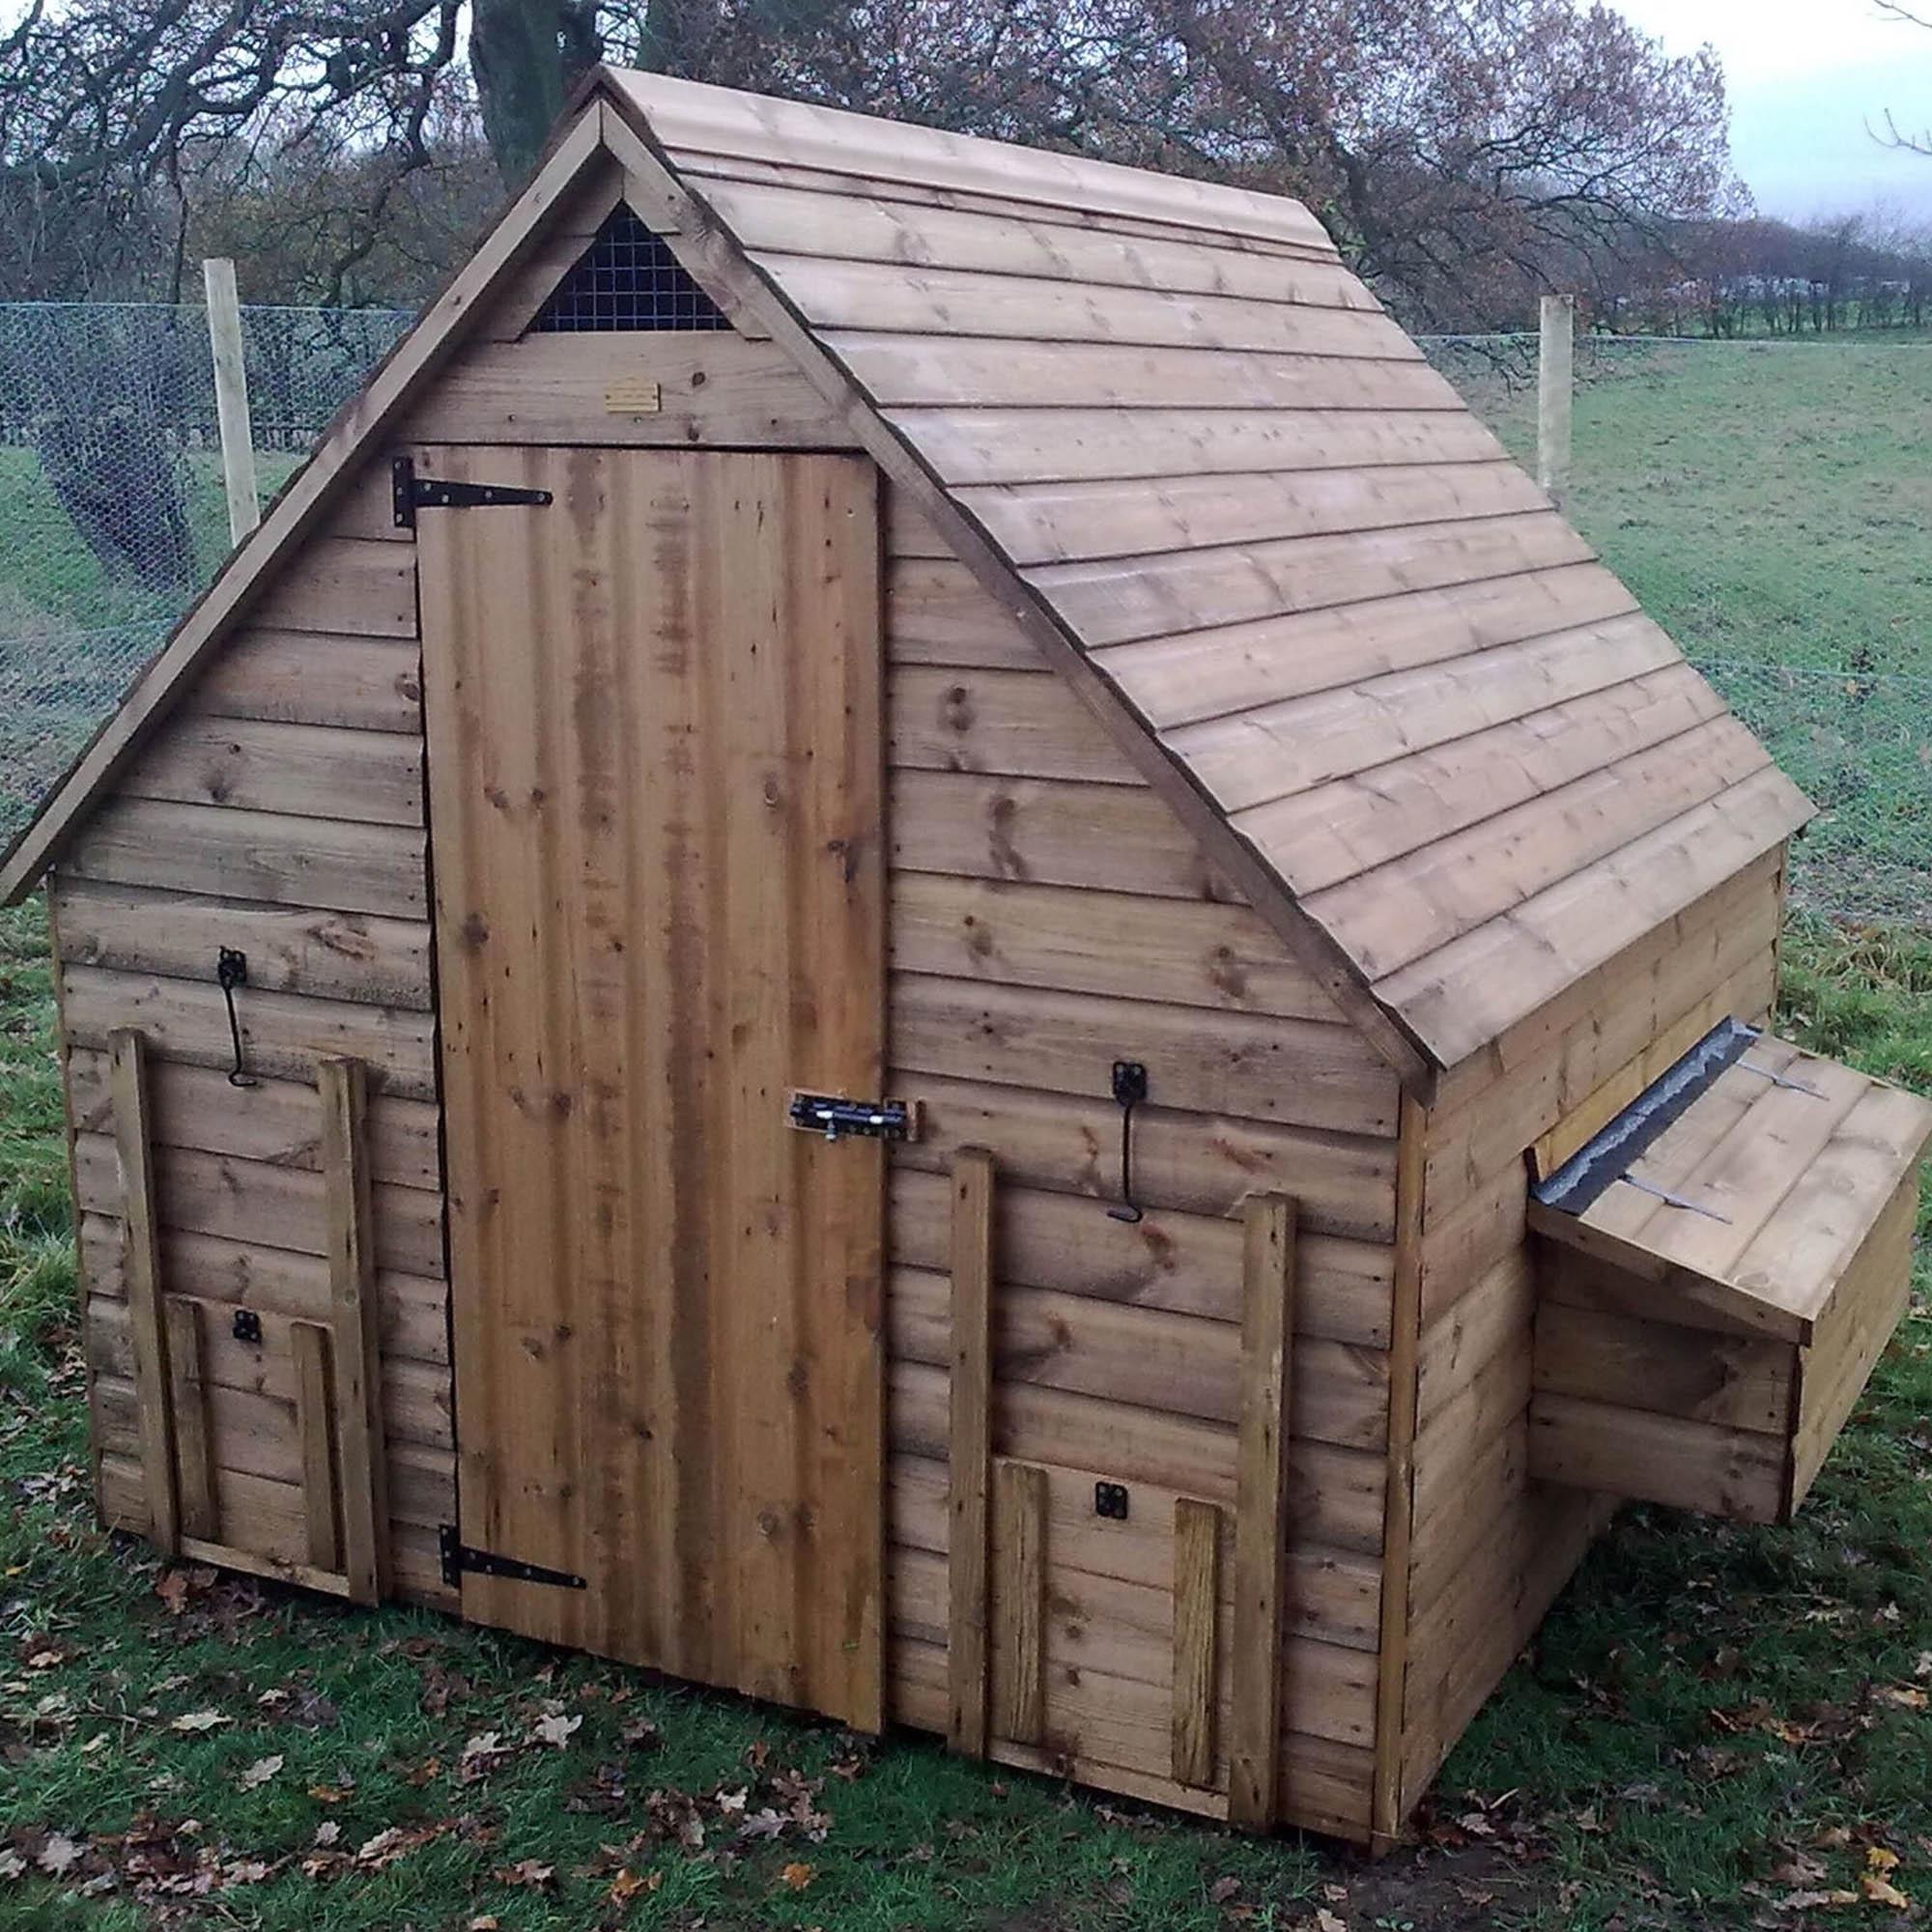 Kensington Deluxe Chicken House Pine (Brown)